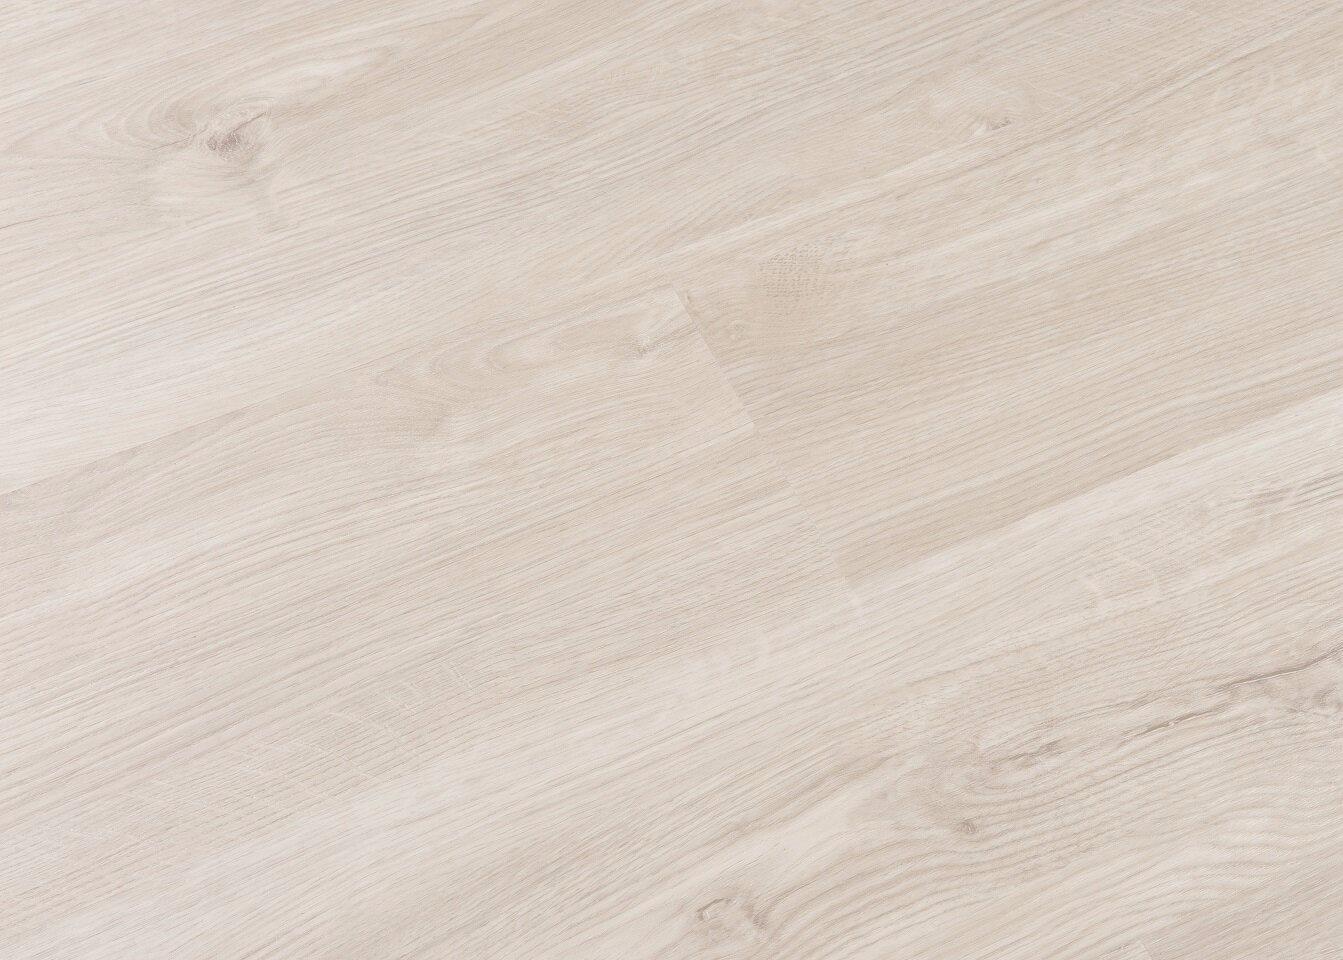 Кварцвиниловая плитка Alpine Floor Sequoia (замковое соединение) Eco6-3 Секвойя Light